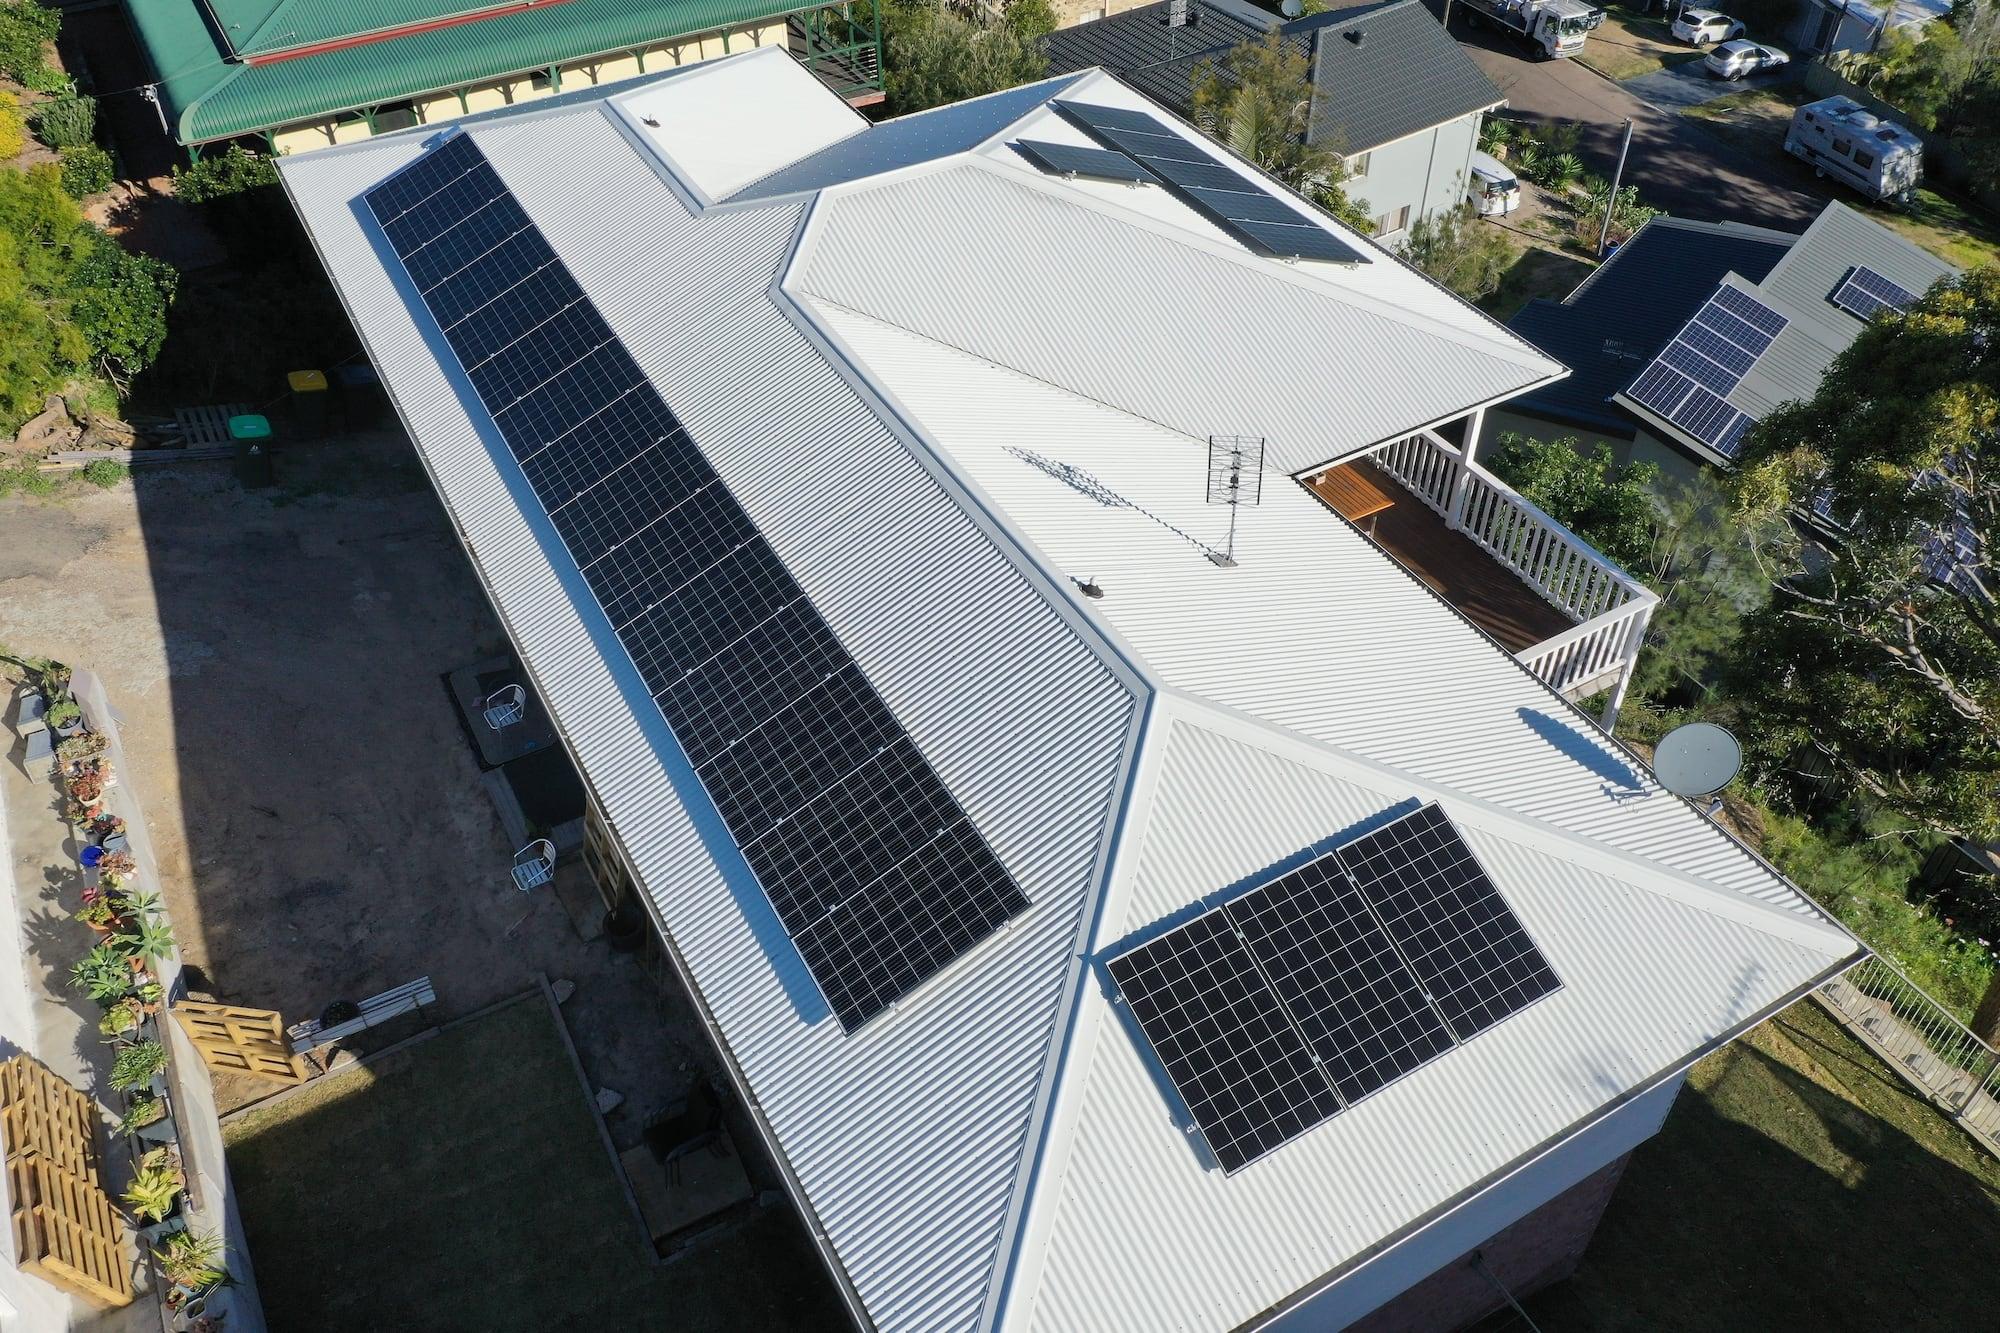 aztech solar panel installation_september 9